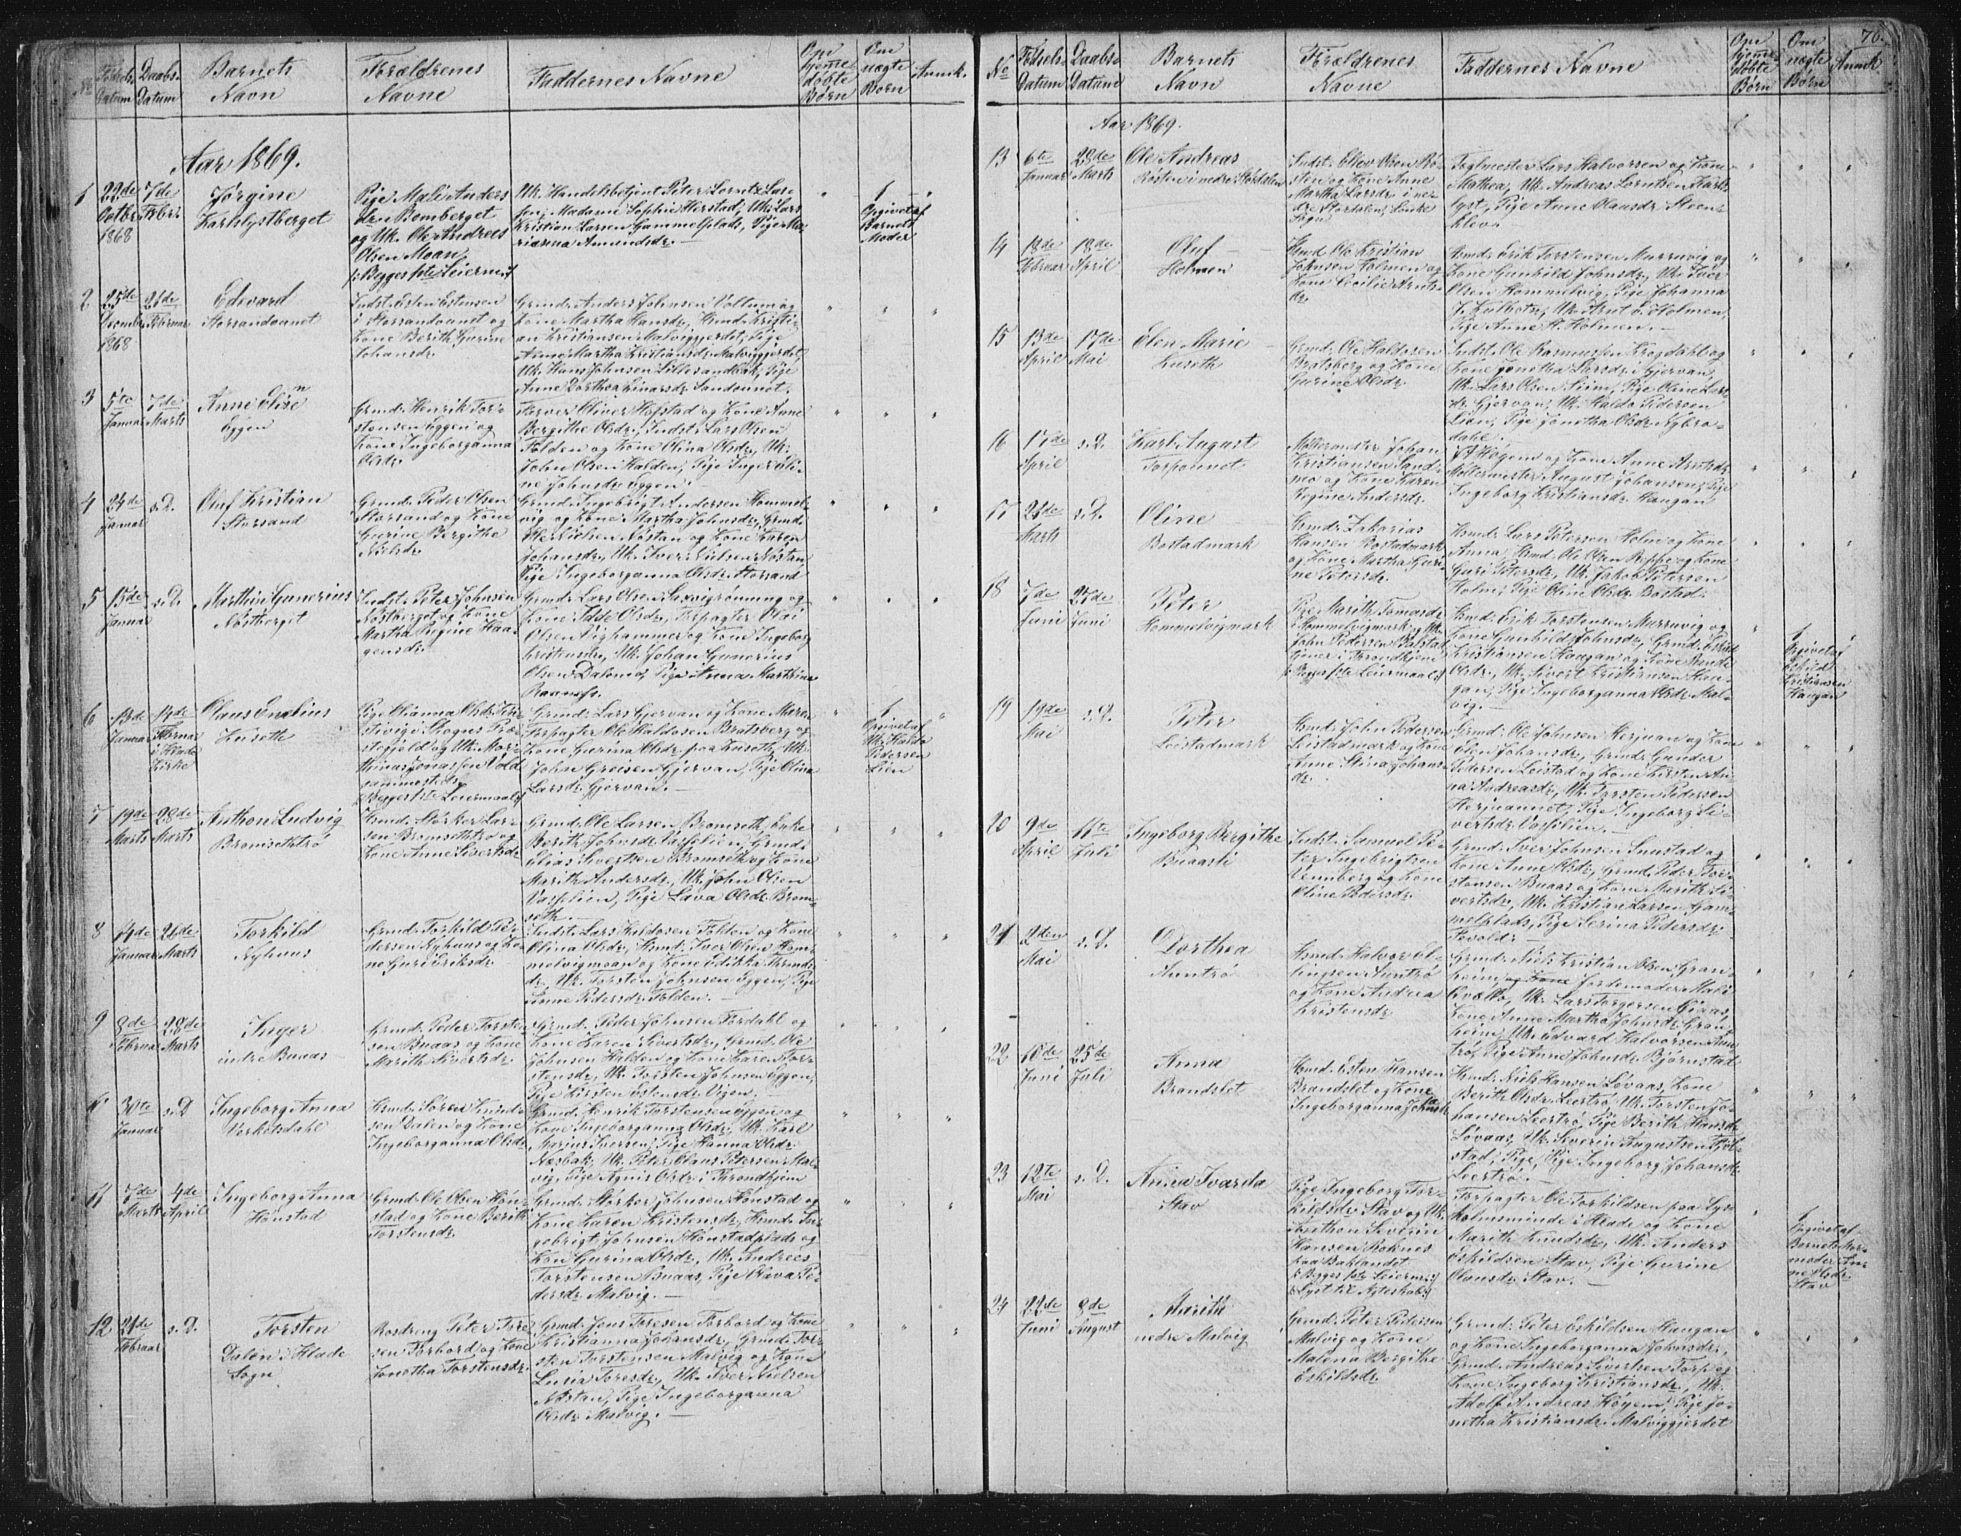 SAT, Ministerialprotokoller, klokkerbøker og fødselsregistre - Sør-Trøndelag, 616/L0406: Ministerialbok nr. 616A03, 1843-1879, s. 70